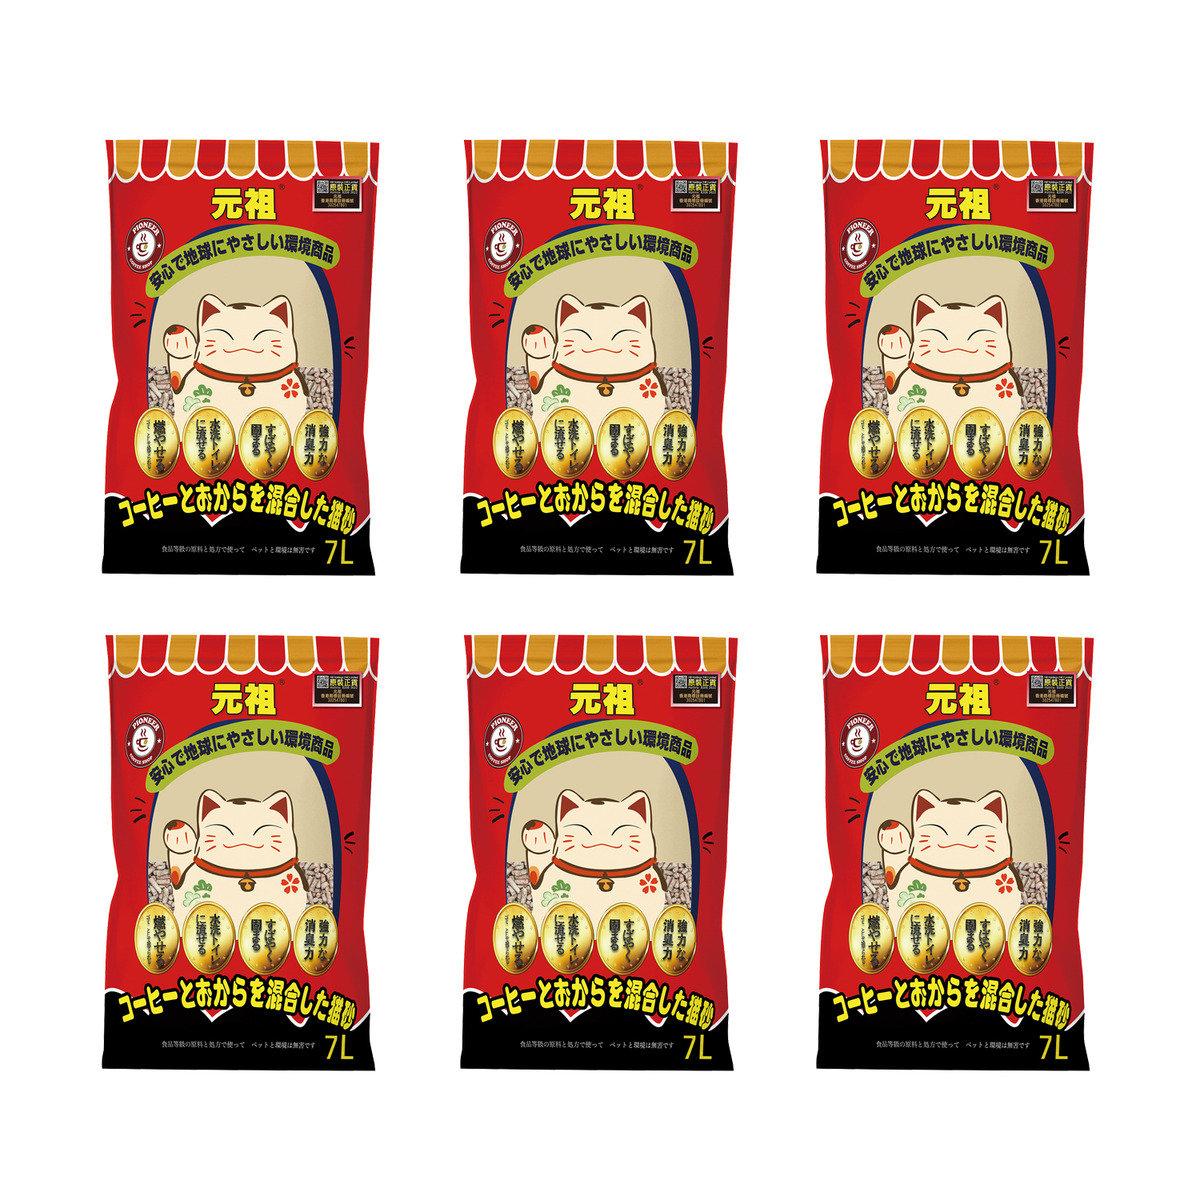 咖啡消臭豆腐貓砂